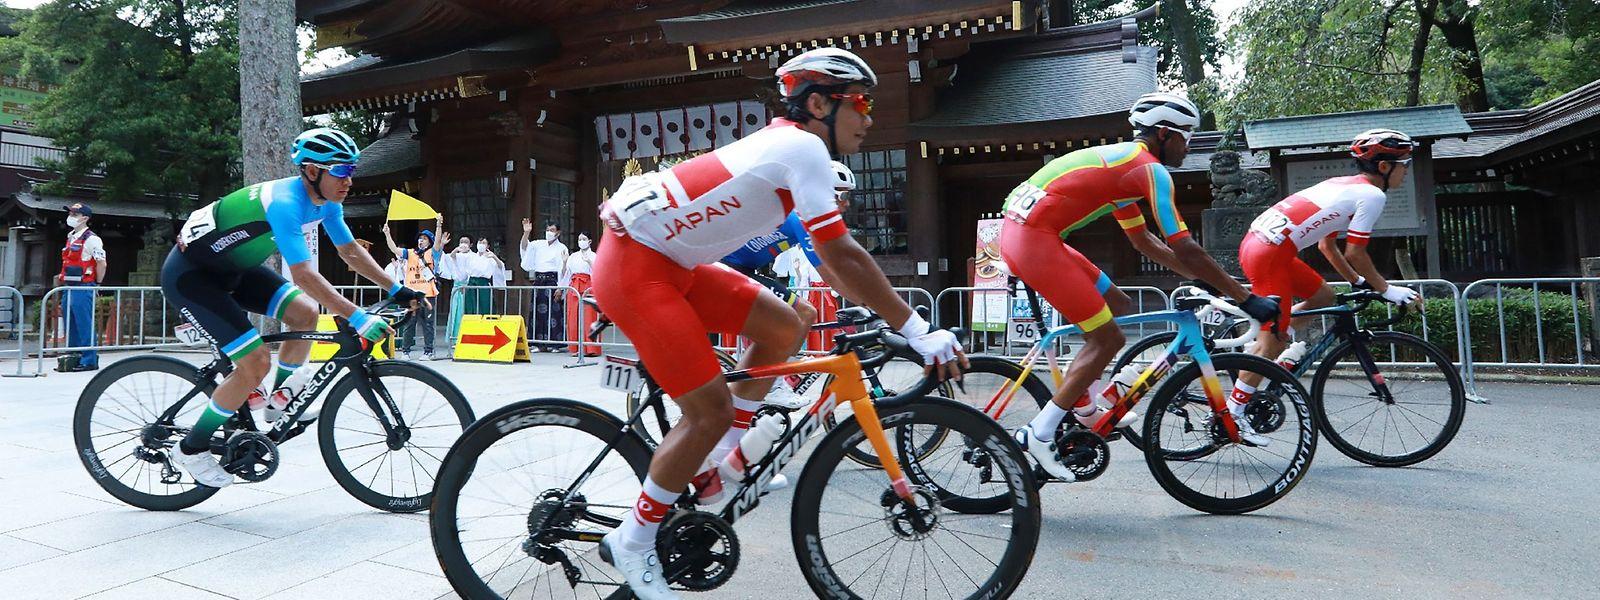 Amanuel Ghebreigzabhier aus Eritrea (2.v.r.) wird beim Einzelzeitfahren rassistisch beleidigt.